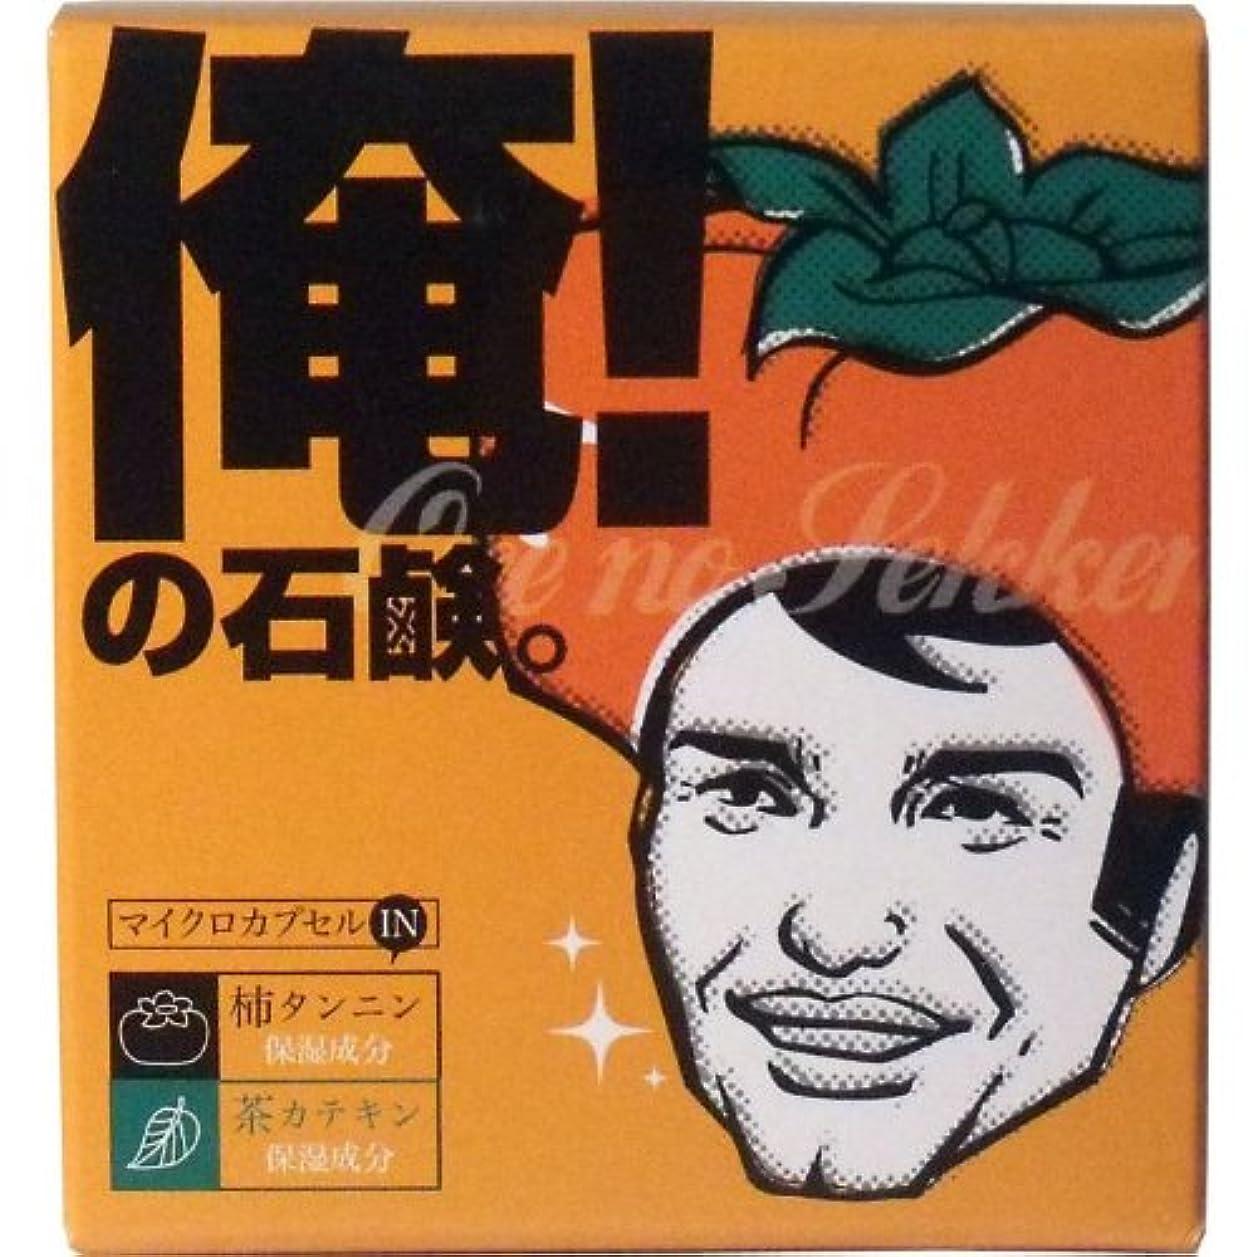 つらいレベル日食茶カテキン! 柿タンニン! をダブル配合!石鹸